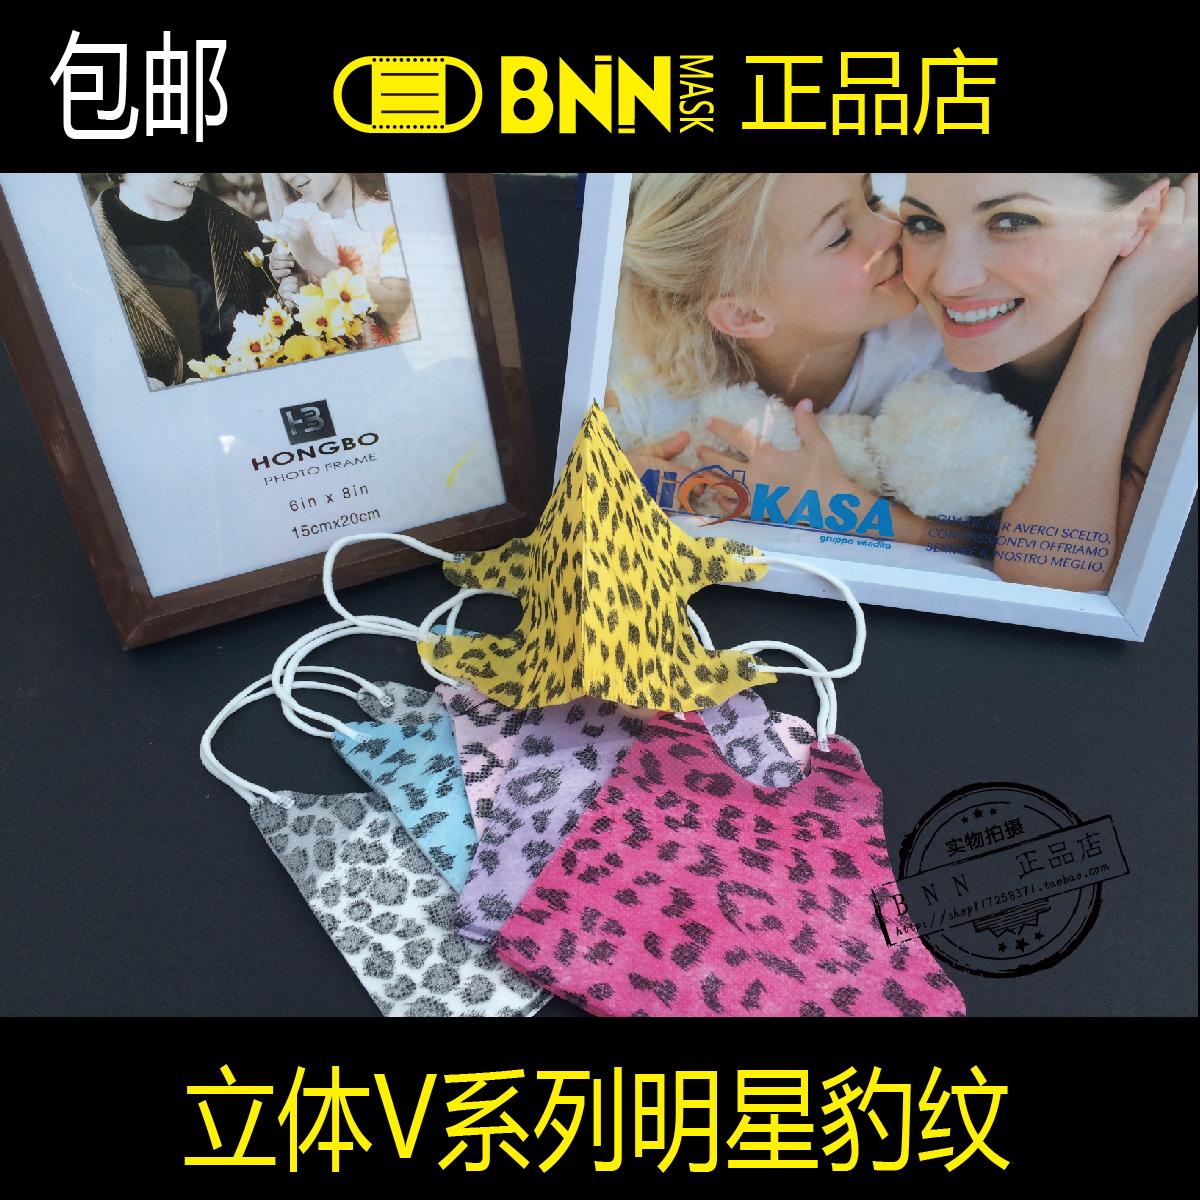 台湾BNN MASK成人立体V豹纹周杰伦同款防雾霾尘一次性口罩TFBOYS